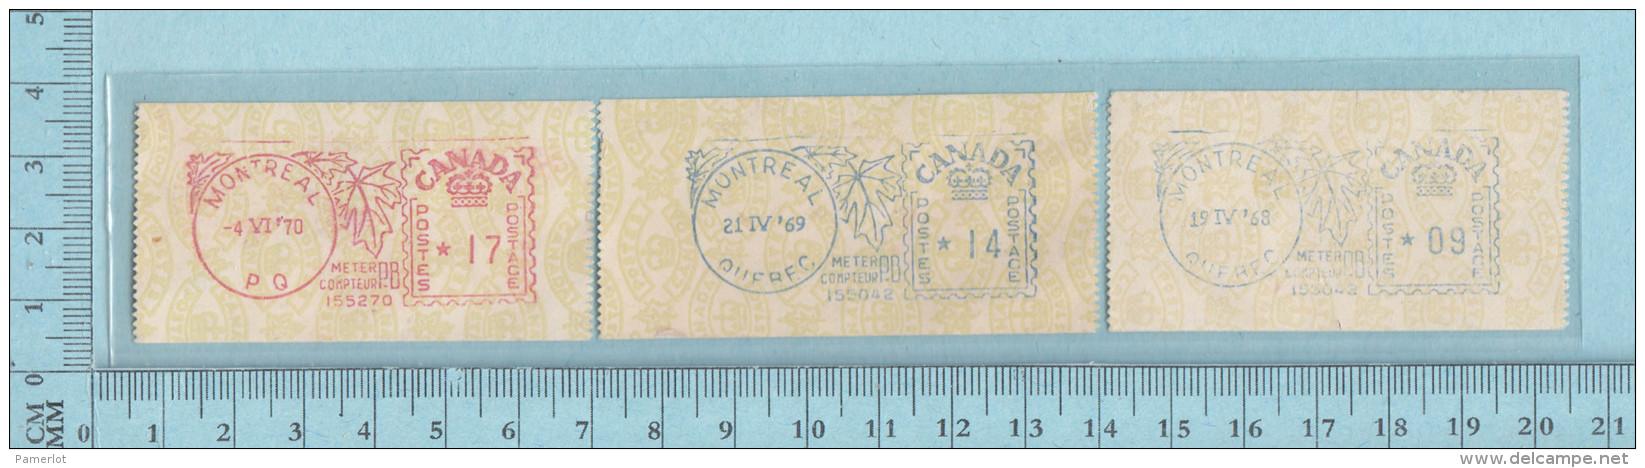 Timbre Canada EMA, Sticker Meter Stamp, 9¢ 1968, 14¢ 1969, 17¢ 1970 Montreal Maple Leaf - 1952-.... Règne D'Elizabeth II